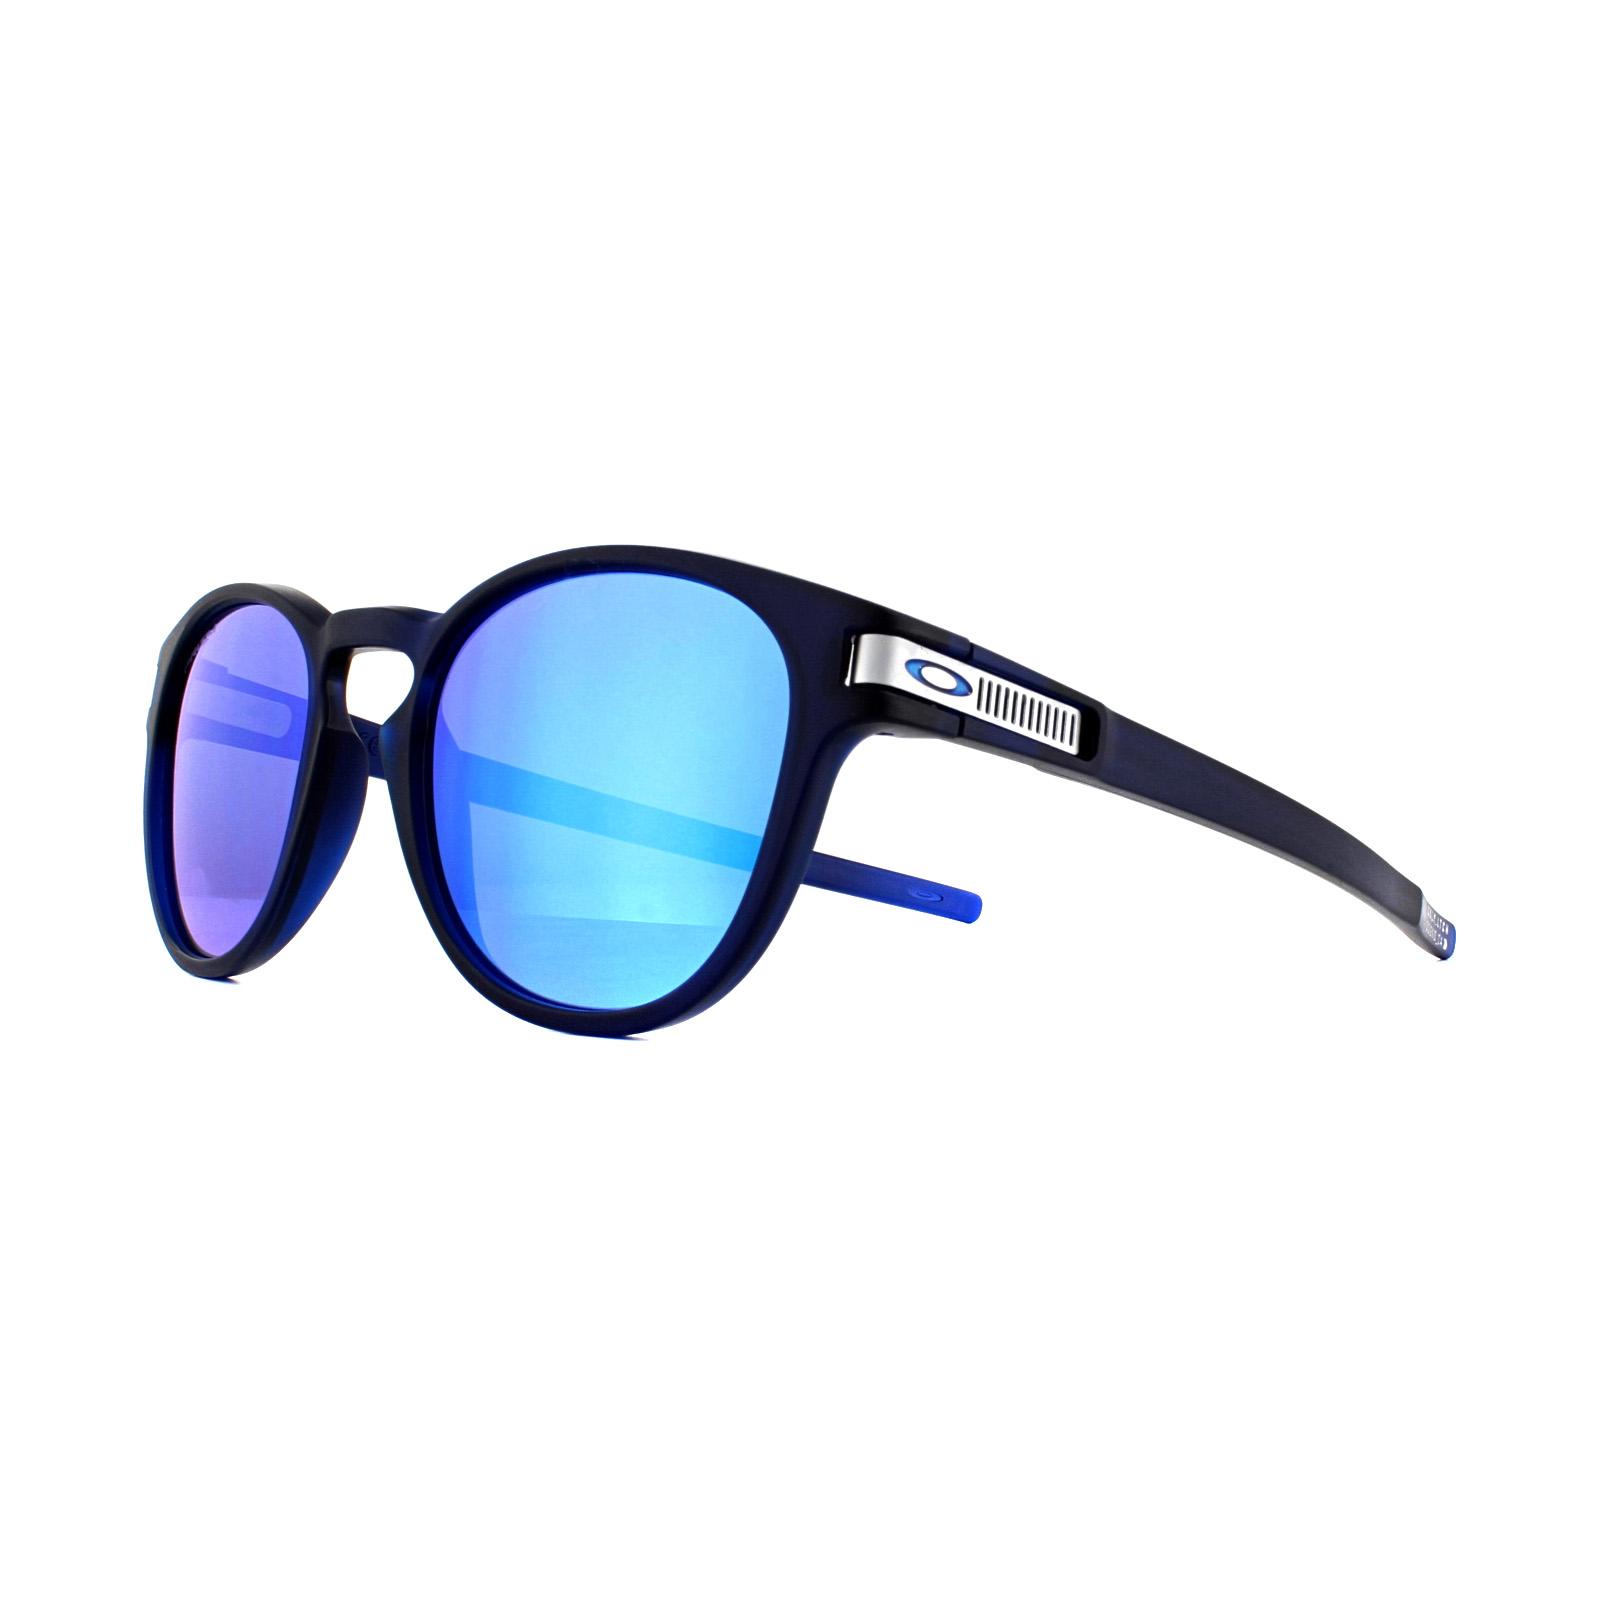 13726d7b0c08a Cheap Oakley Latch Sunglasses - Discounted Sunglasses